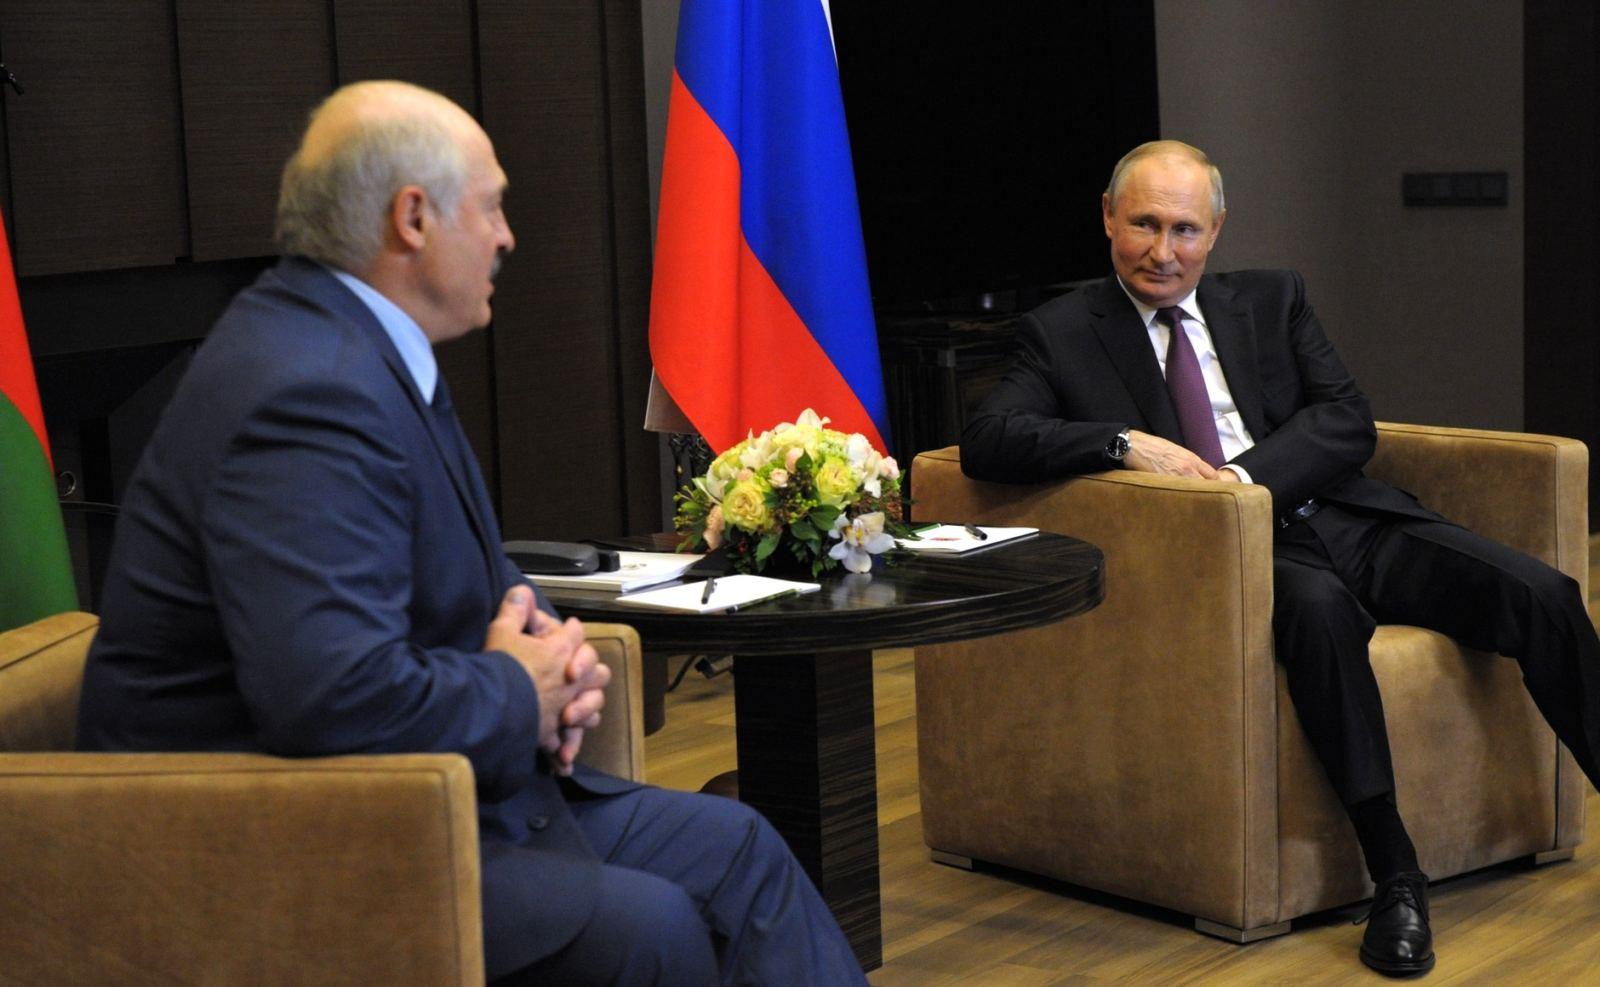 wie-russland-und-weisrussland-auf-vorwurfe-und-sanktionen-des-westens-reagieren- -anti-spiegel